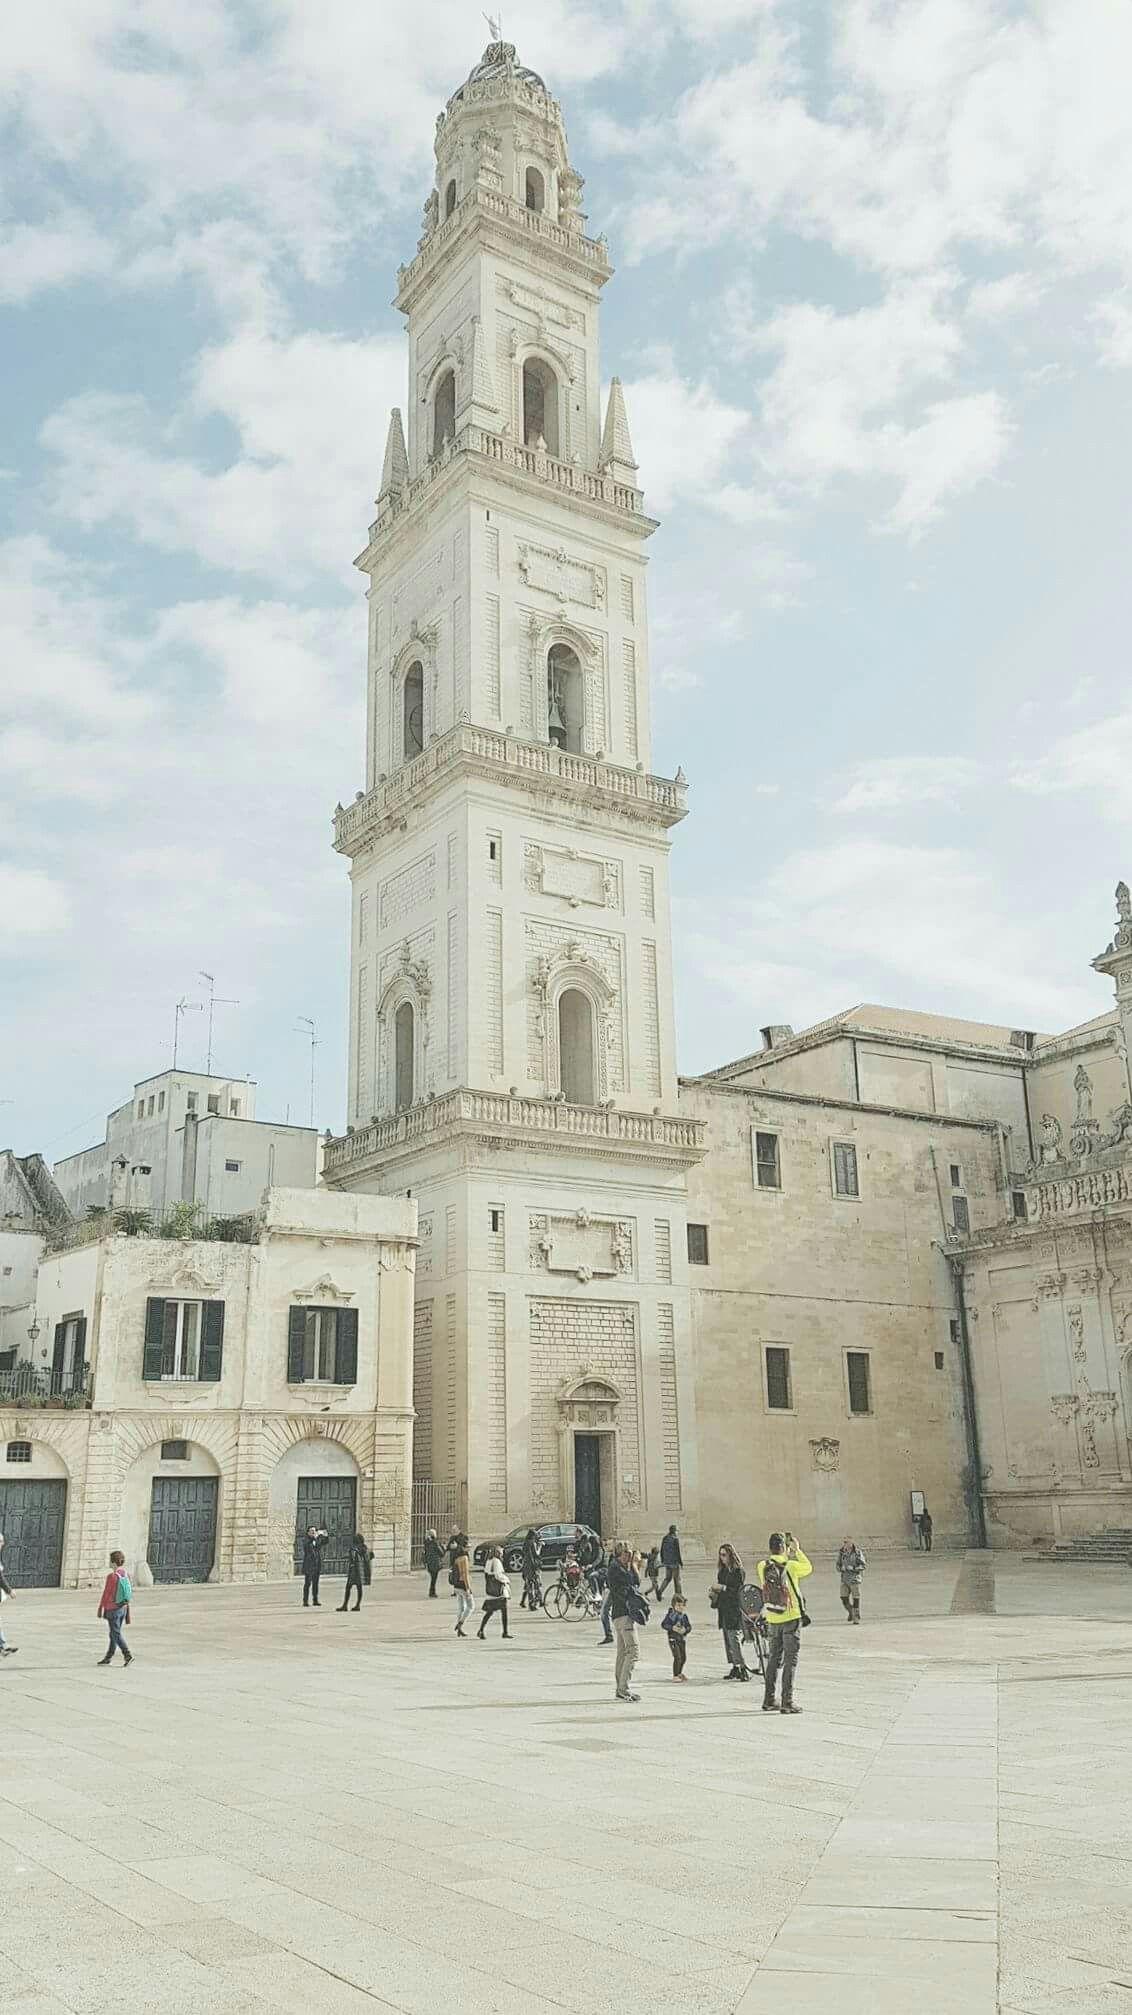 Architetti Famosi Lecce campanile del duomo di lecce (con immagini) | italia, luoghi